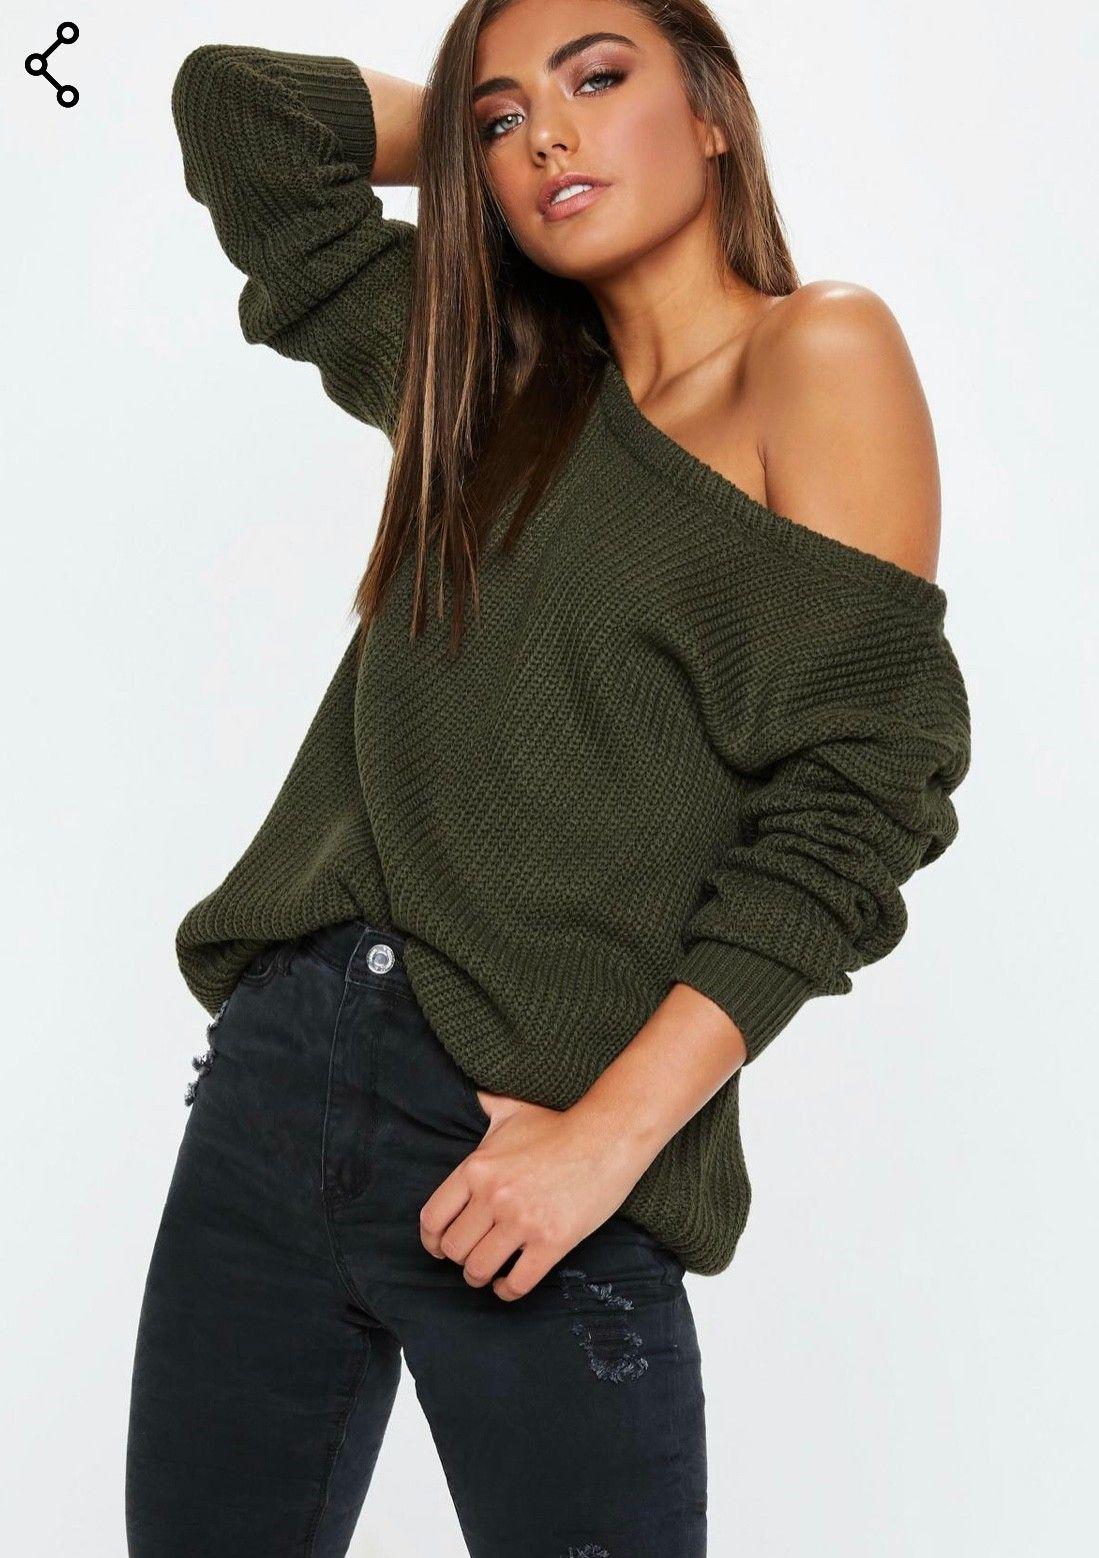 Ultra Off shoulder strikk genser, prislappen på S/M- gratis frakt   FINN.no MT-72